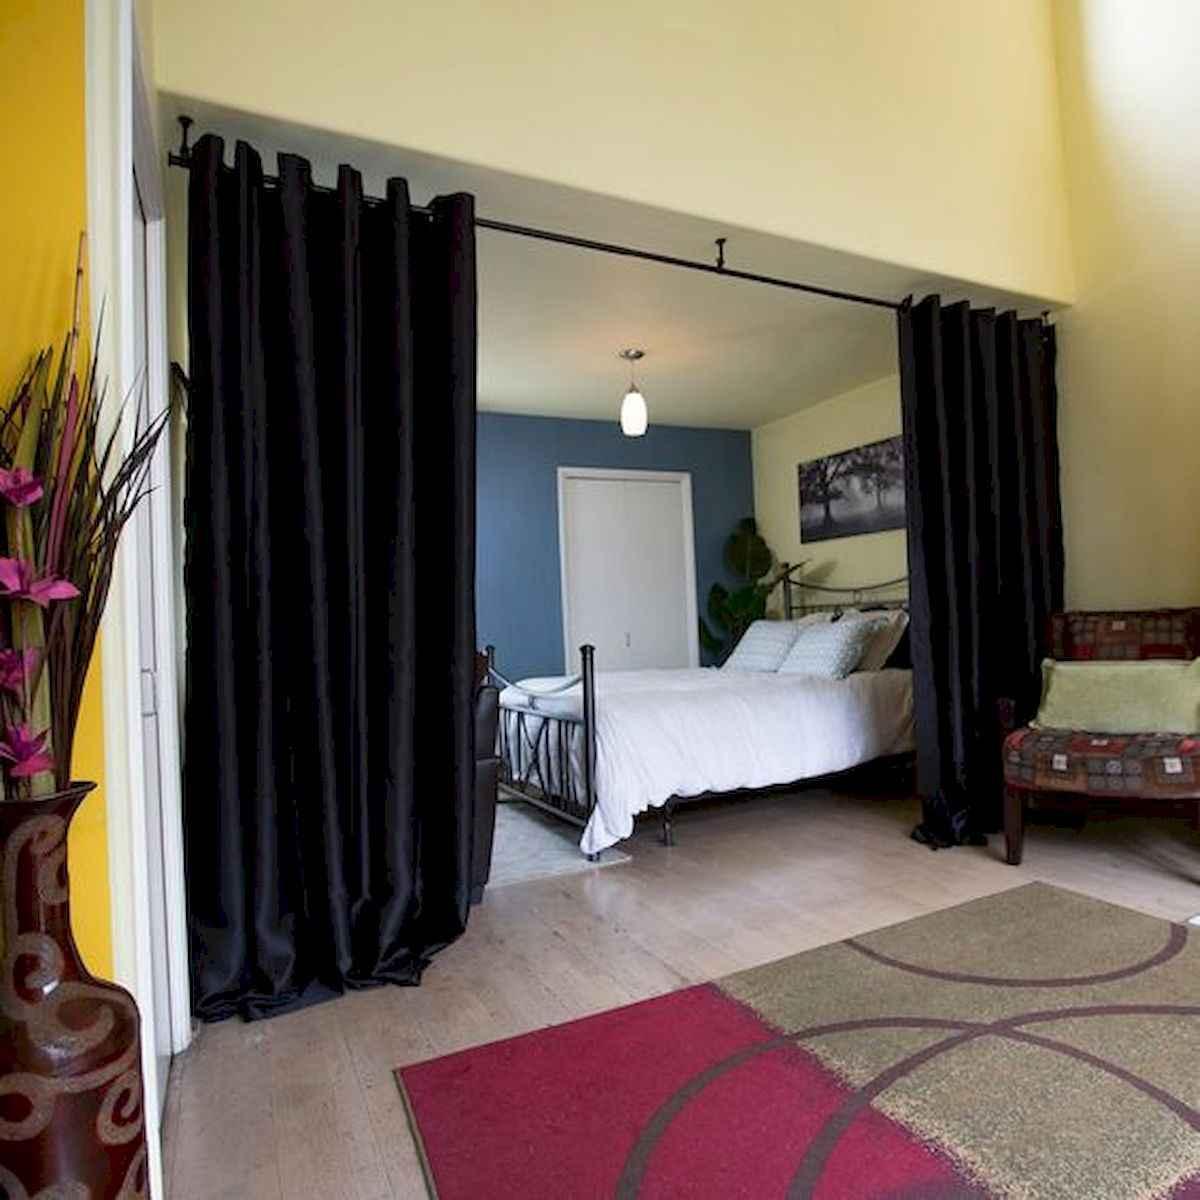 40 Favorite Studio Apartment Room Dividers Curtains Design Ideas and Decor (18)